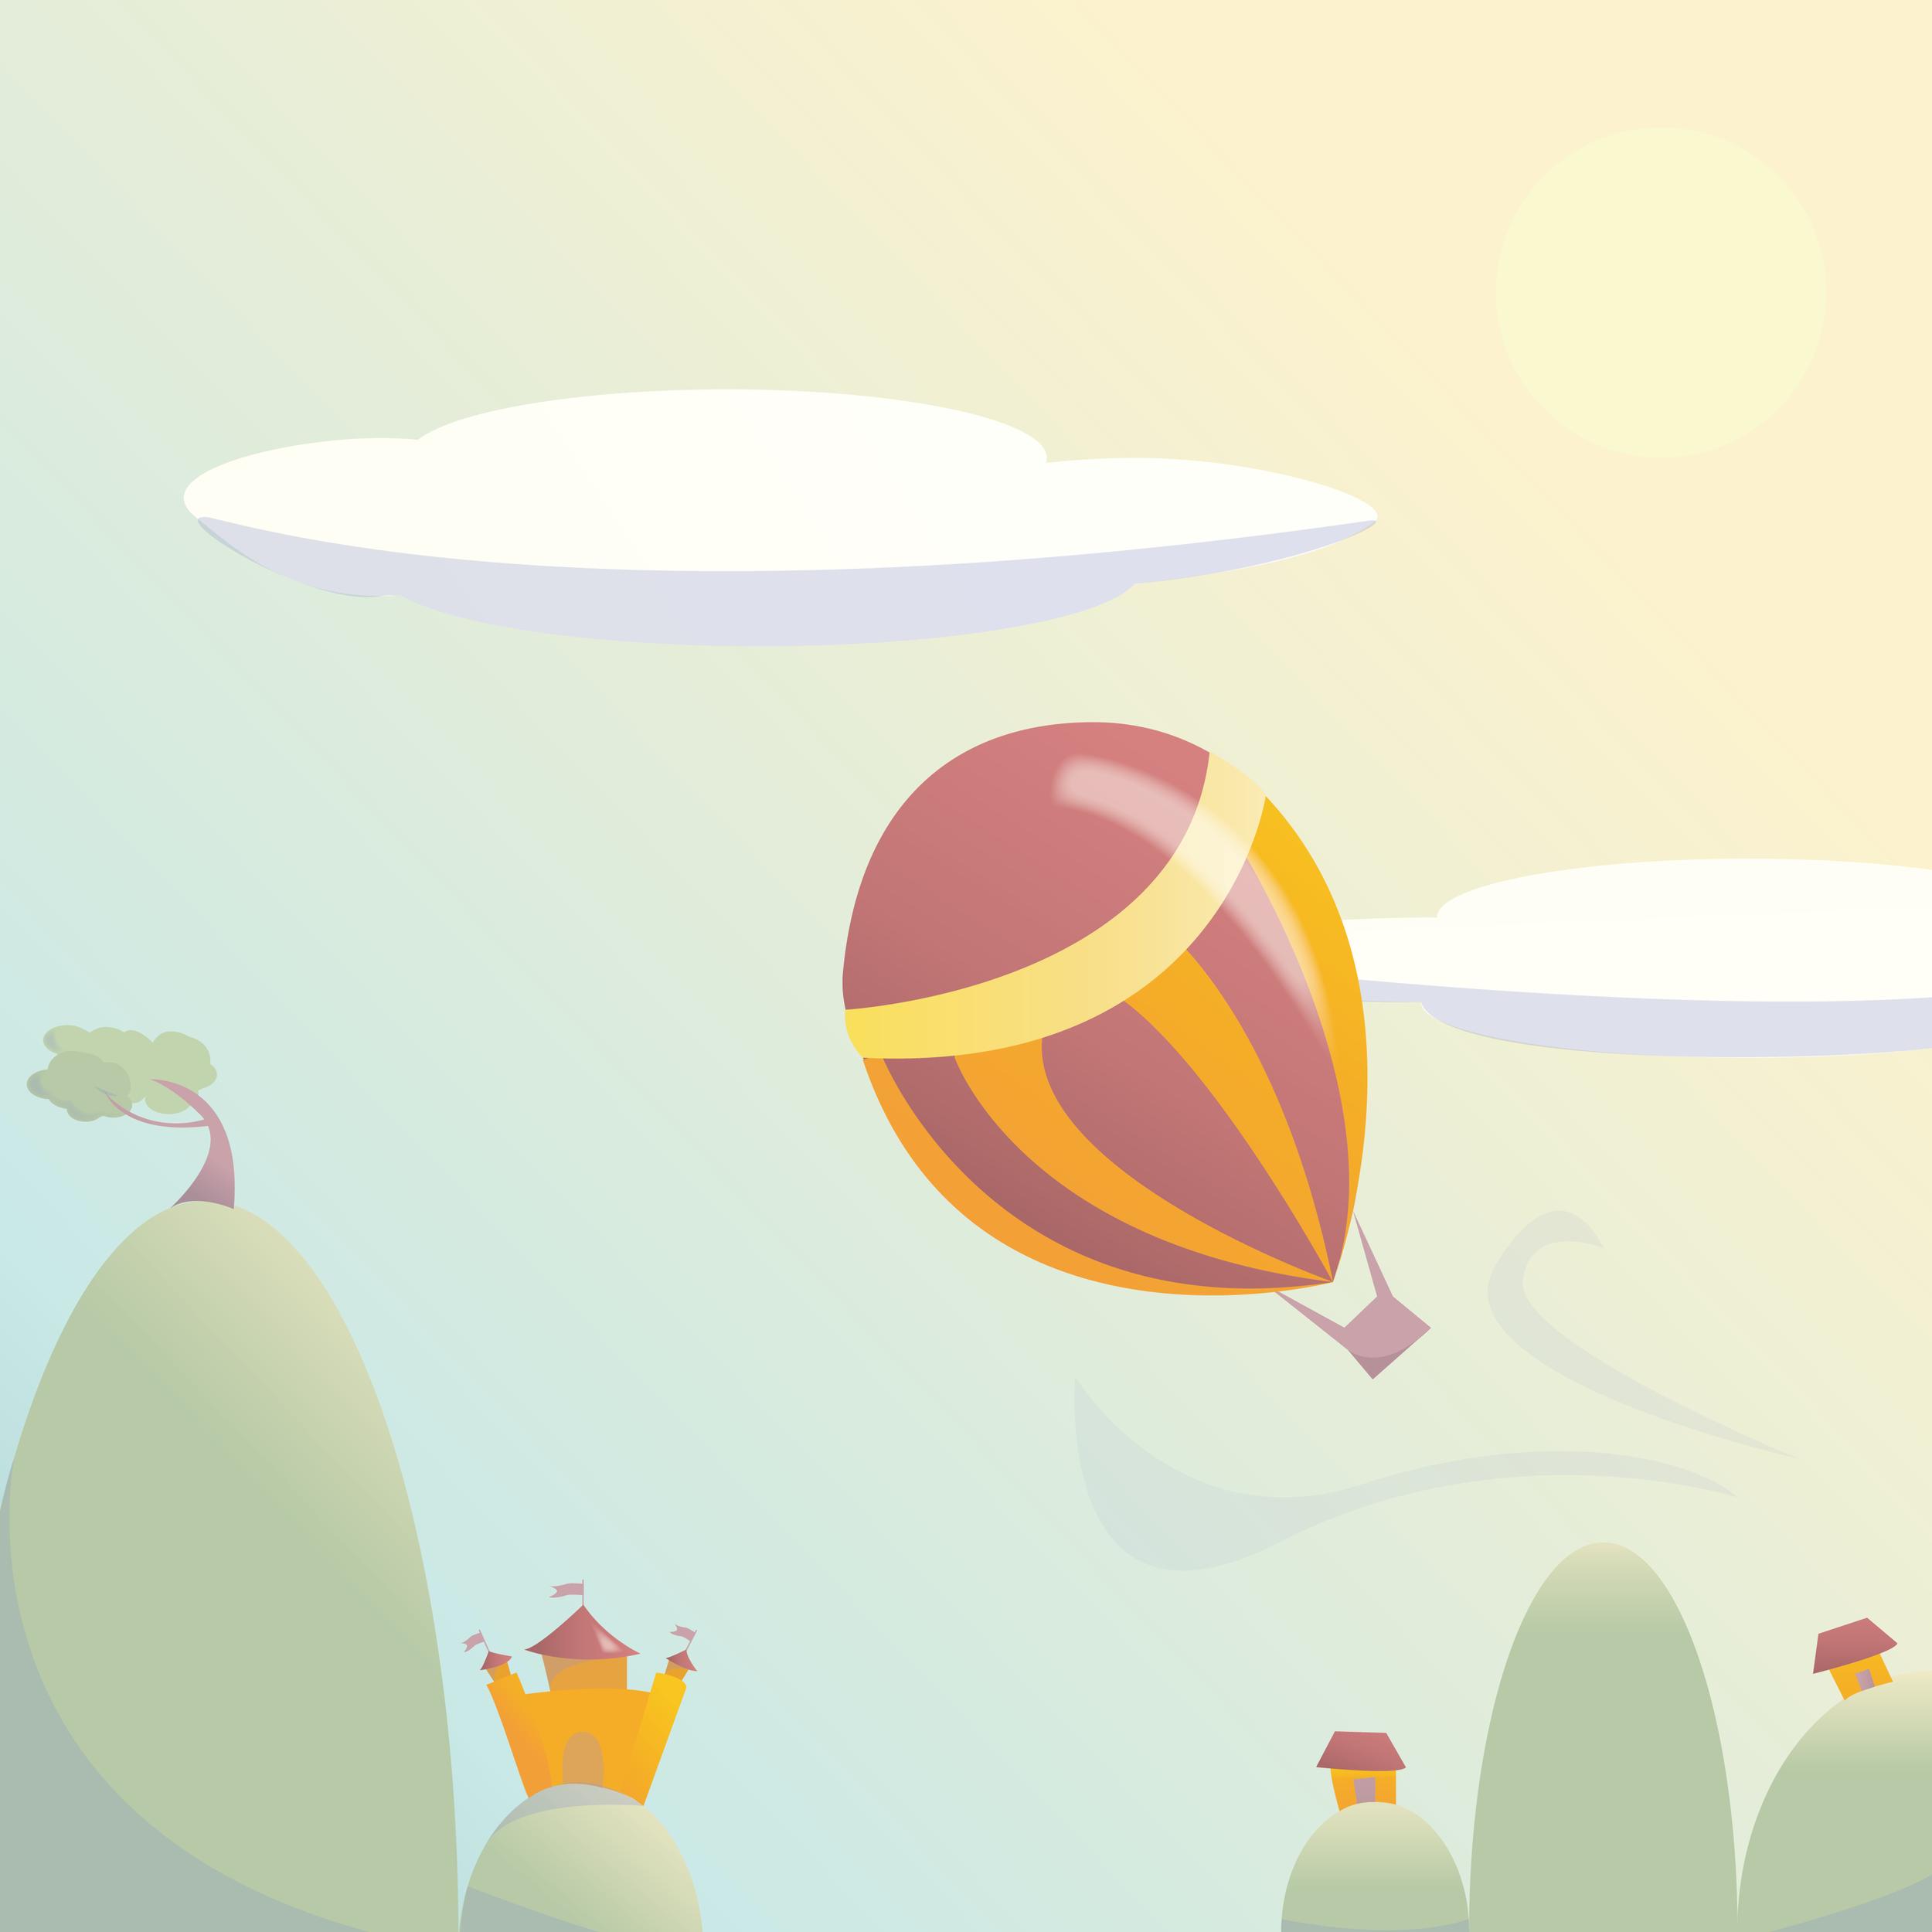 sky-illustration-01-for-web-2.png